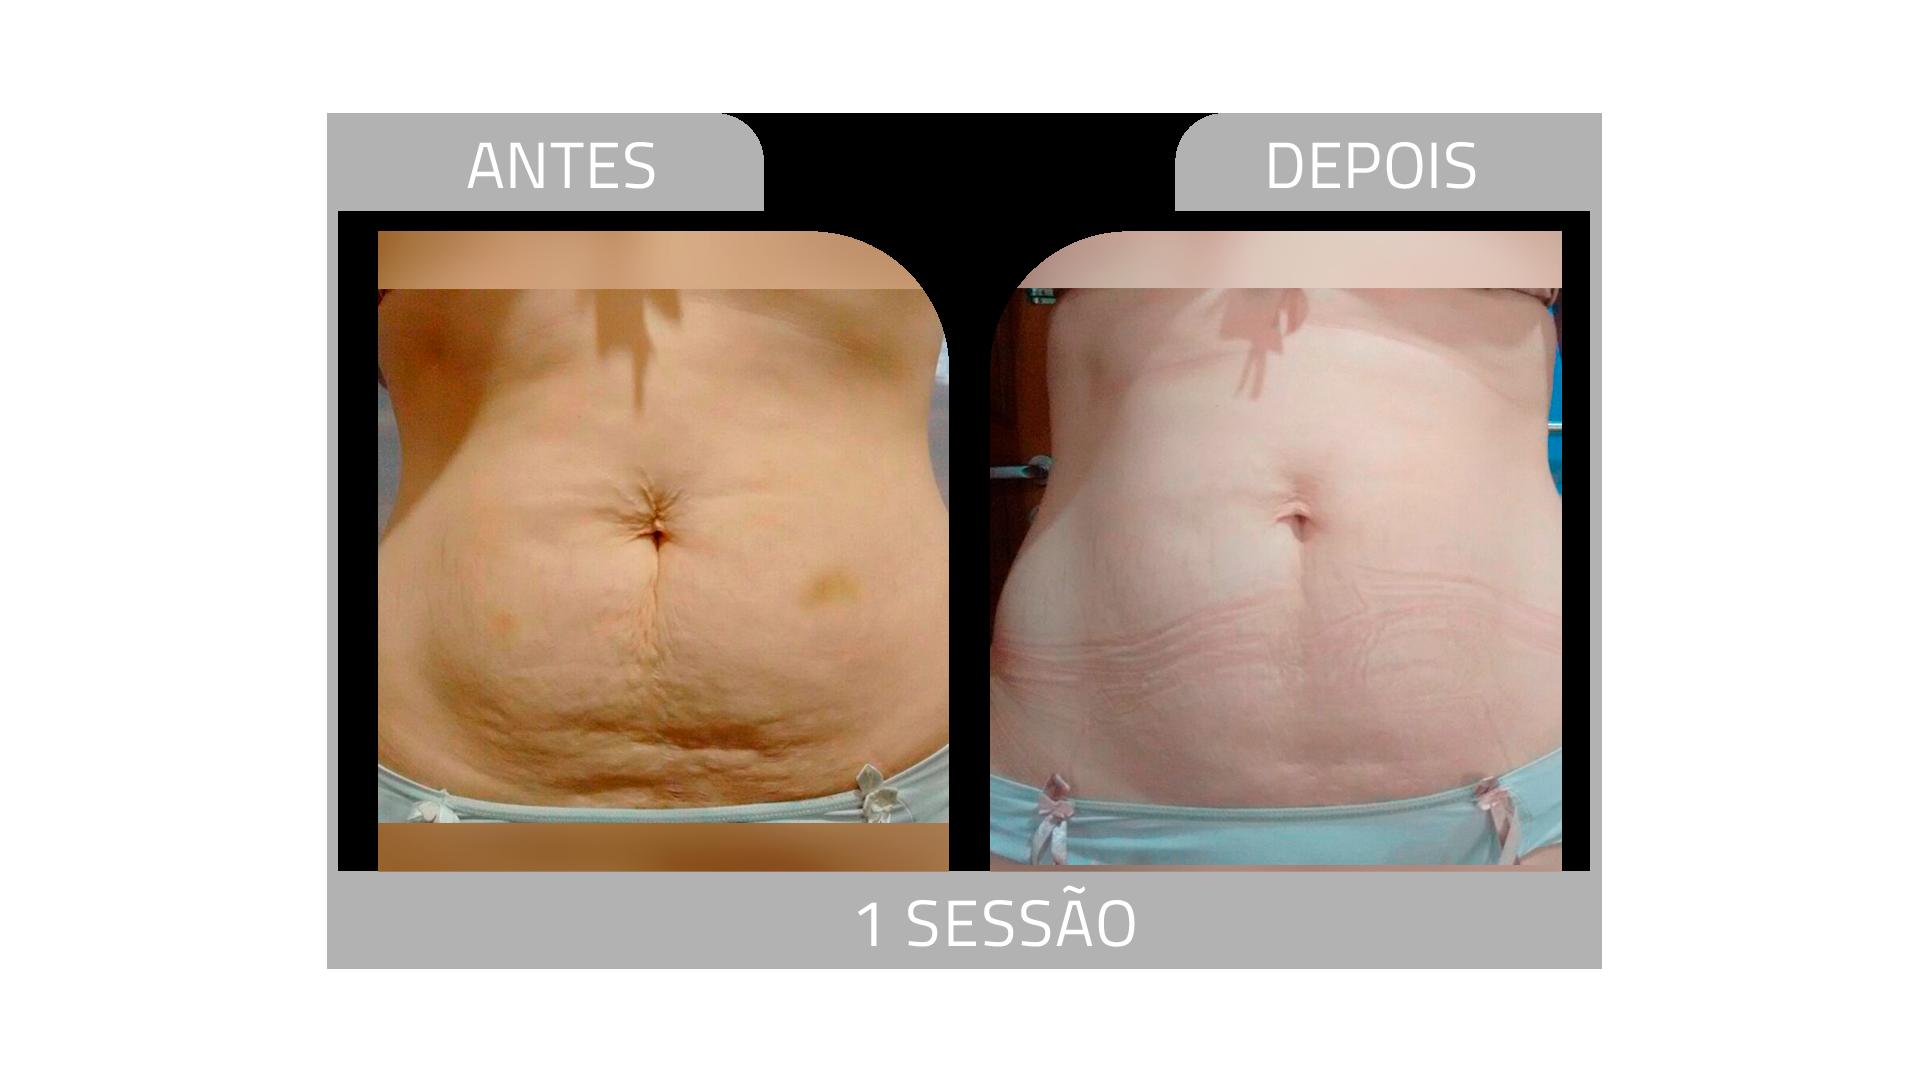 ANTES E DEPOIS STRIORT 2.png